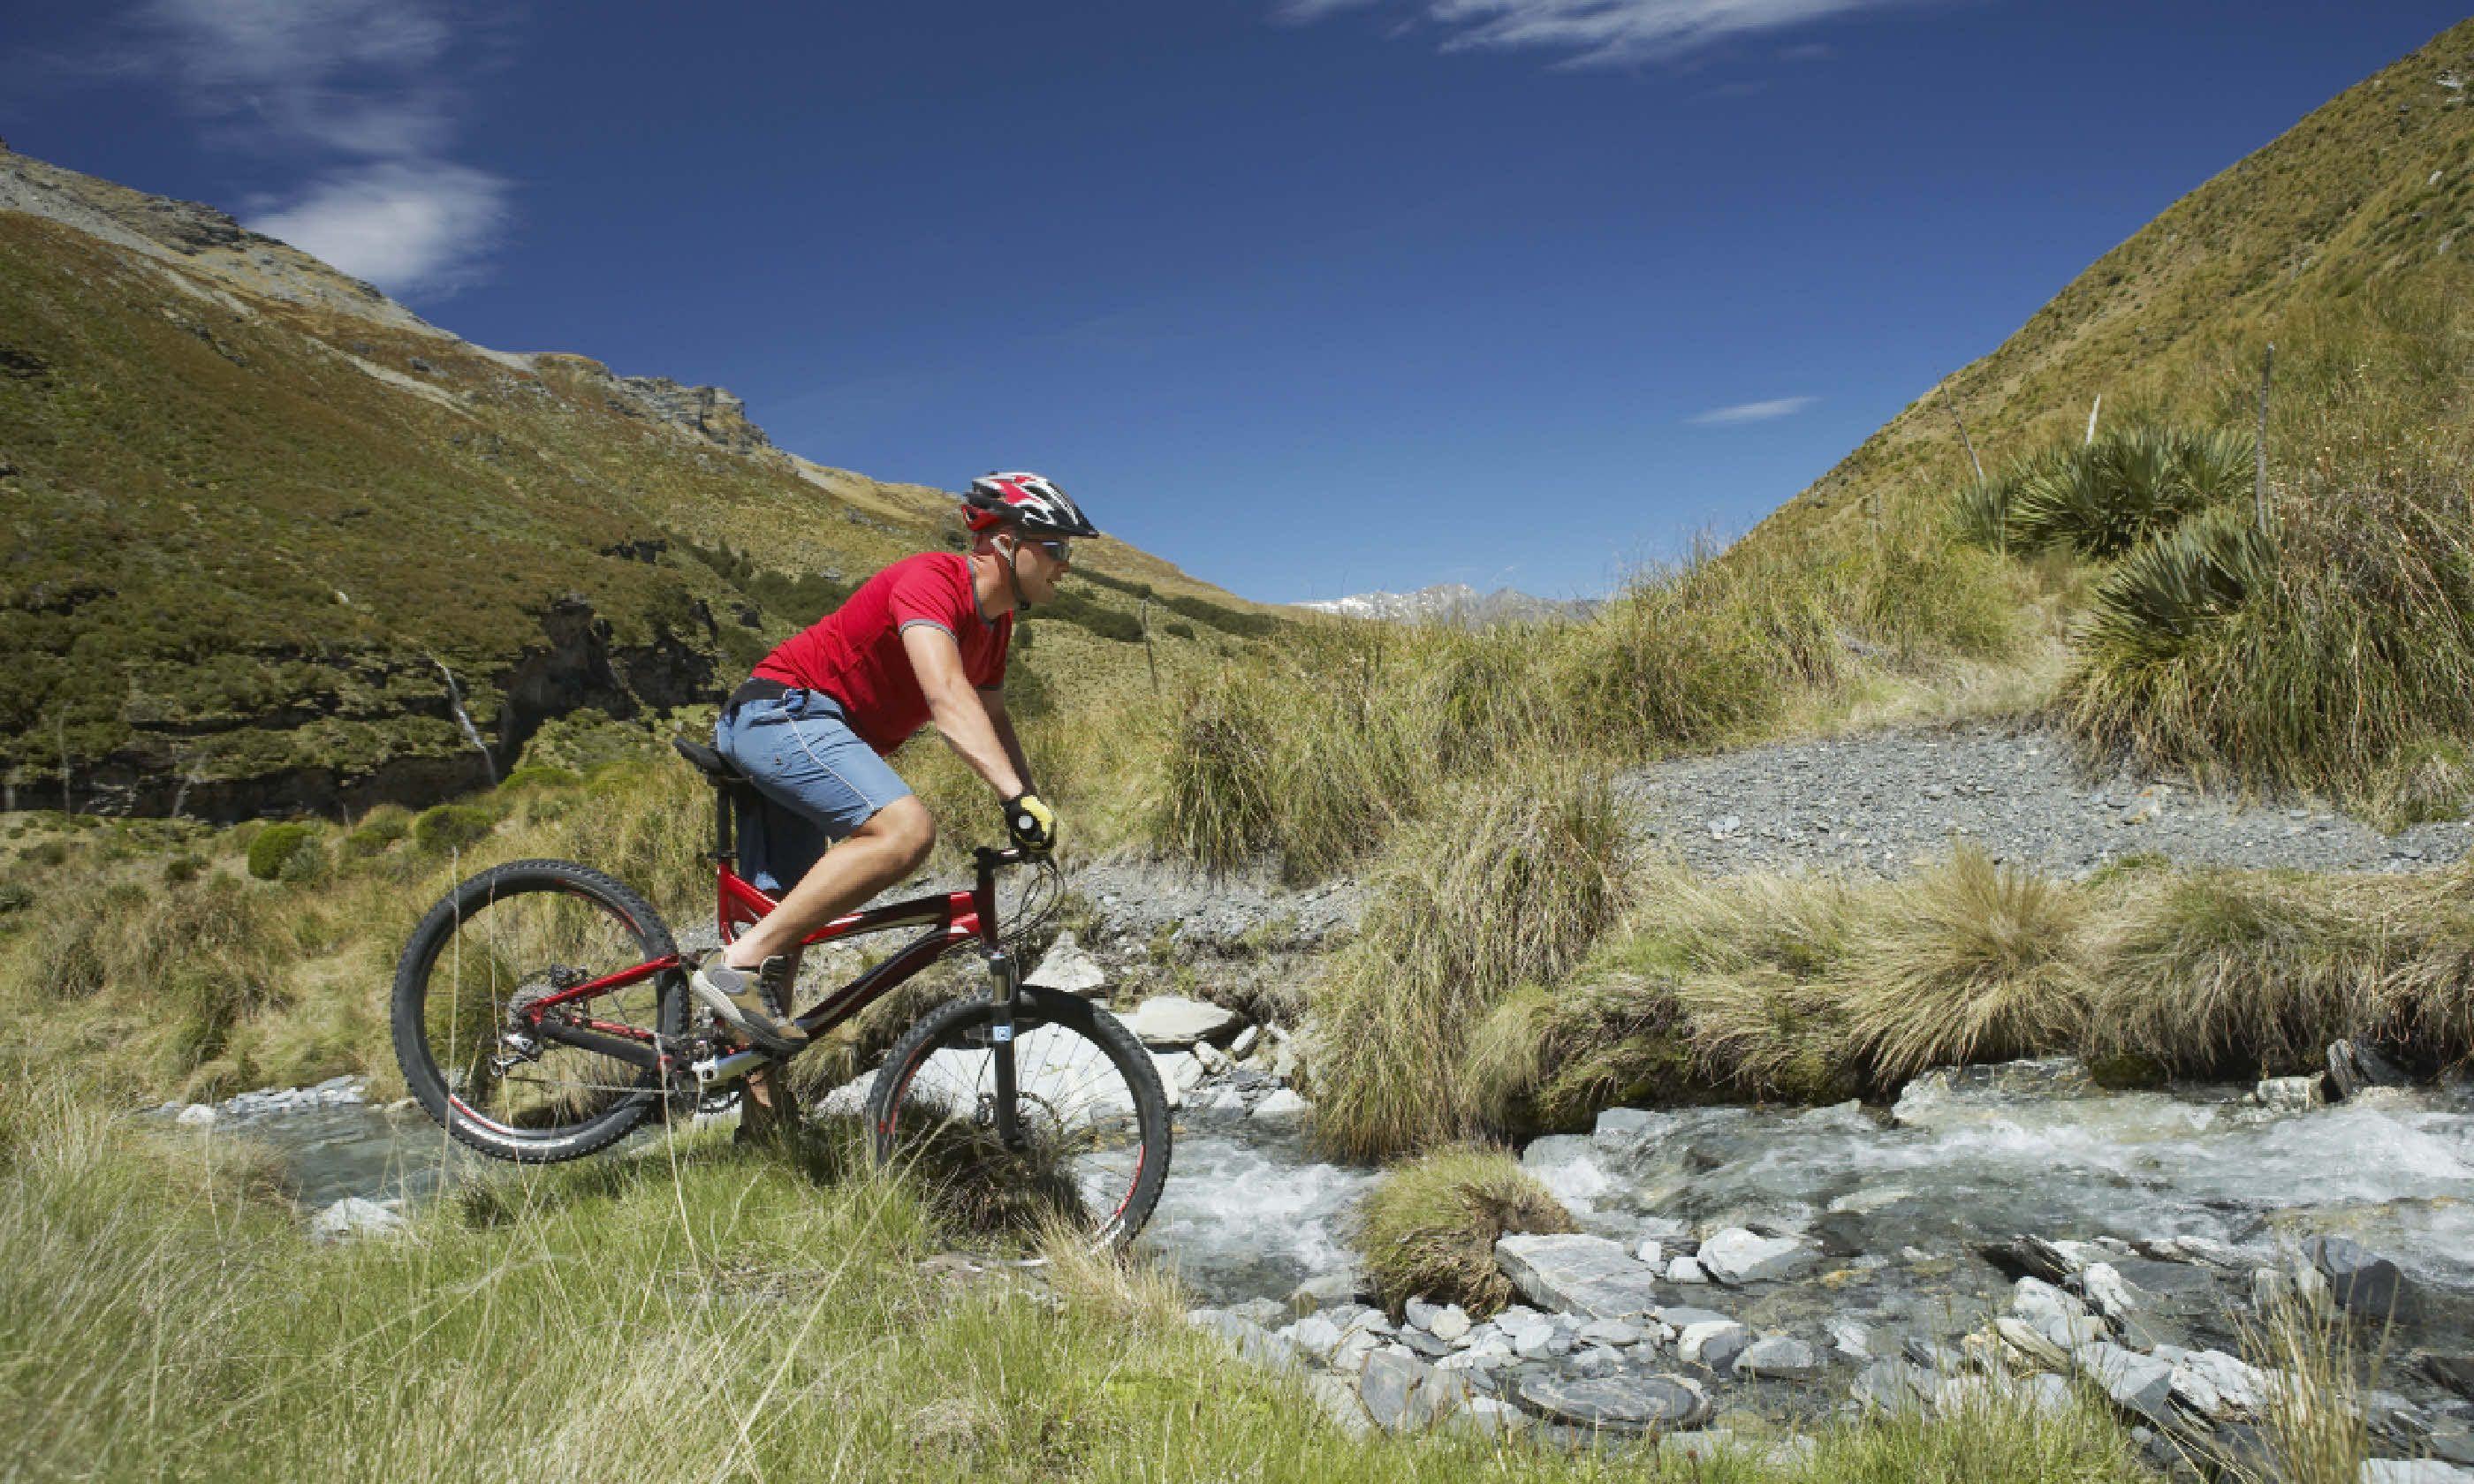 Cyclist, New Zealand (Shutterstock)